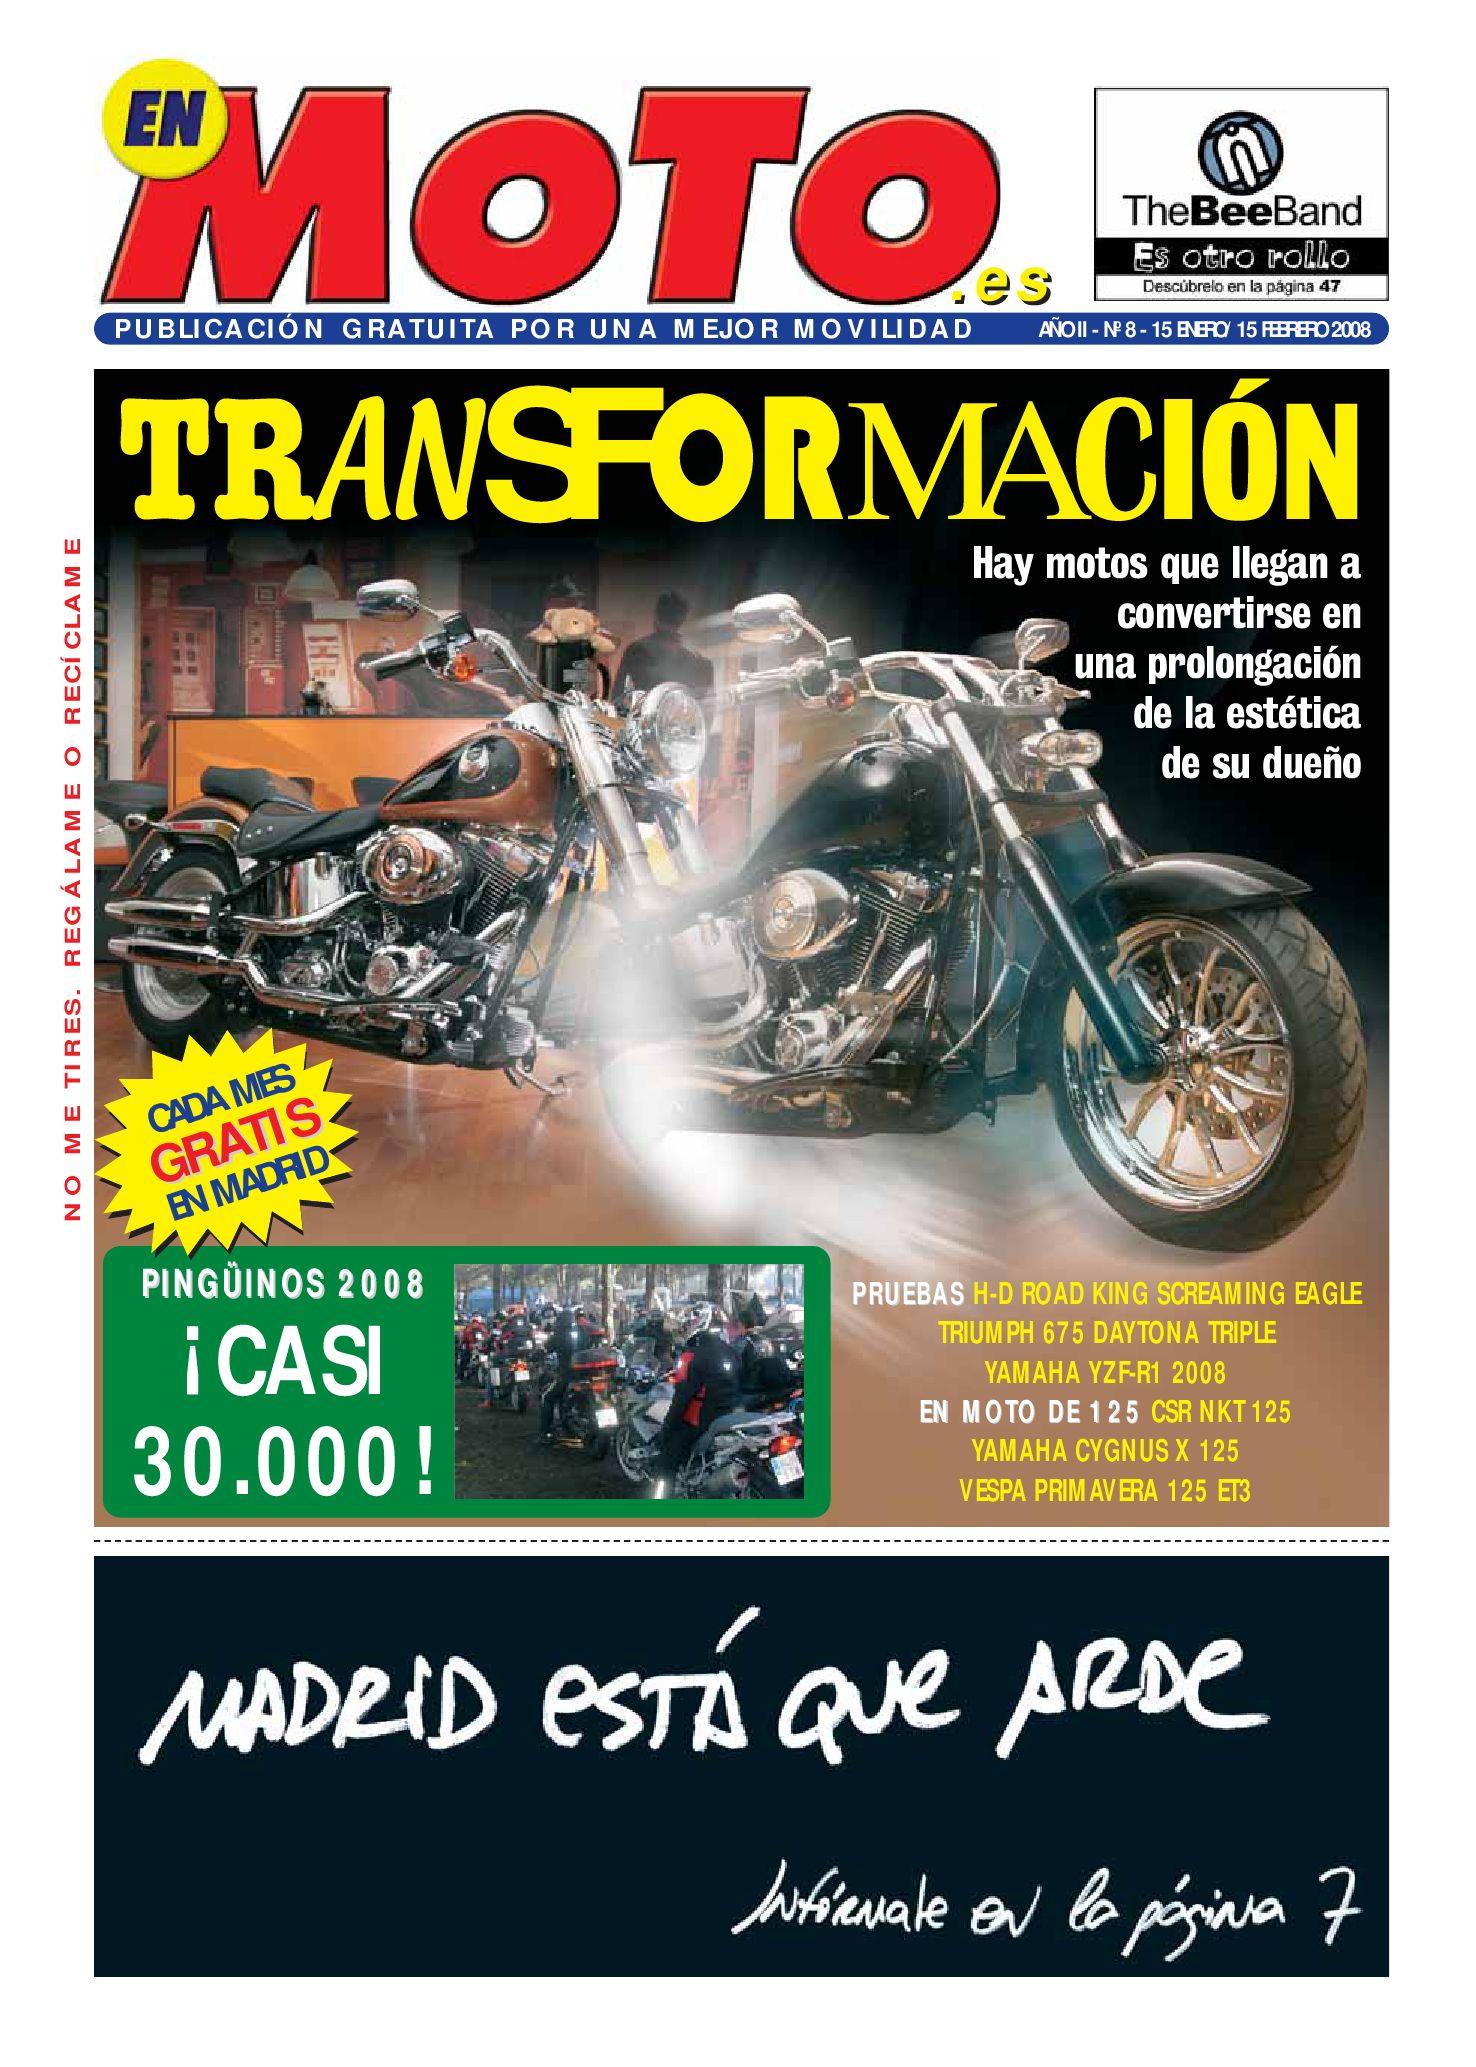 KIT DE TRANSMISION KYMCO VENOX 250 DESARROLLOS CAMBIADOS